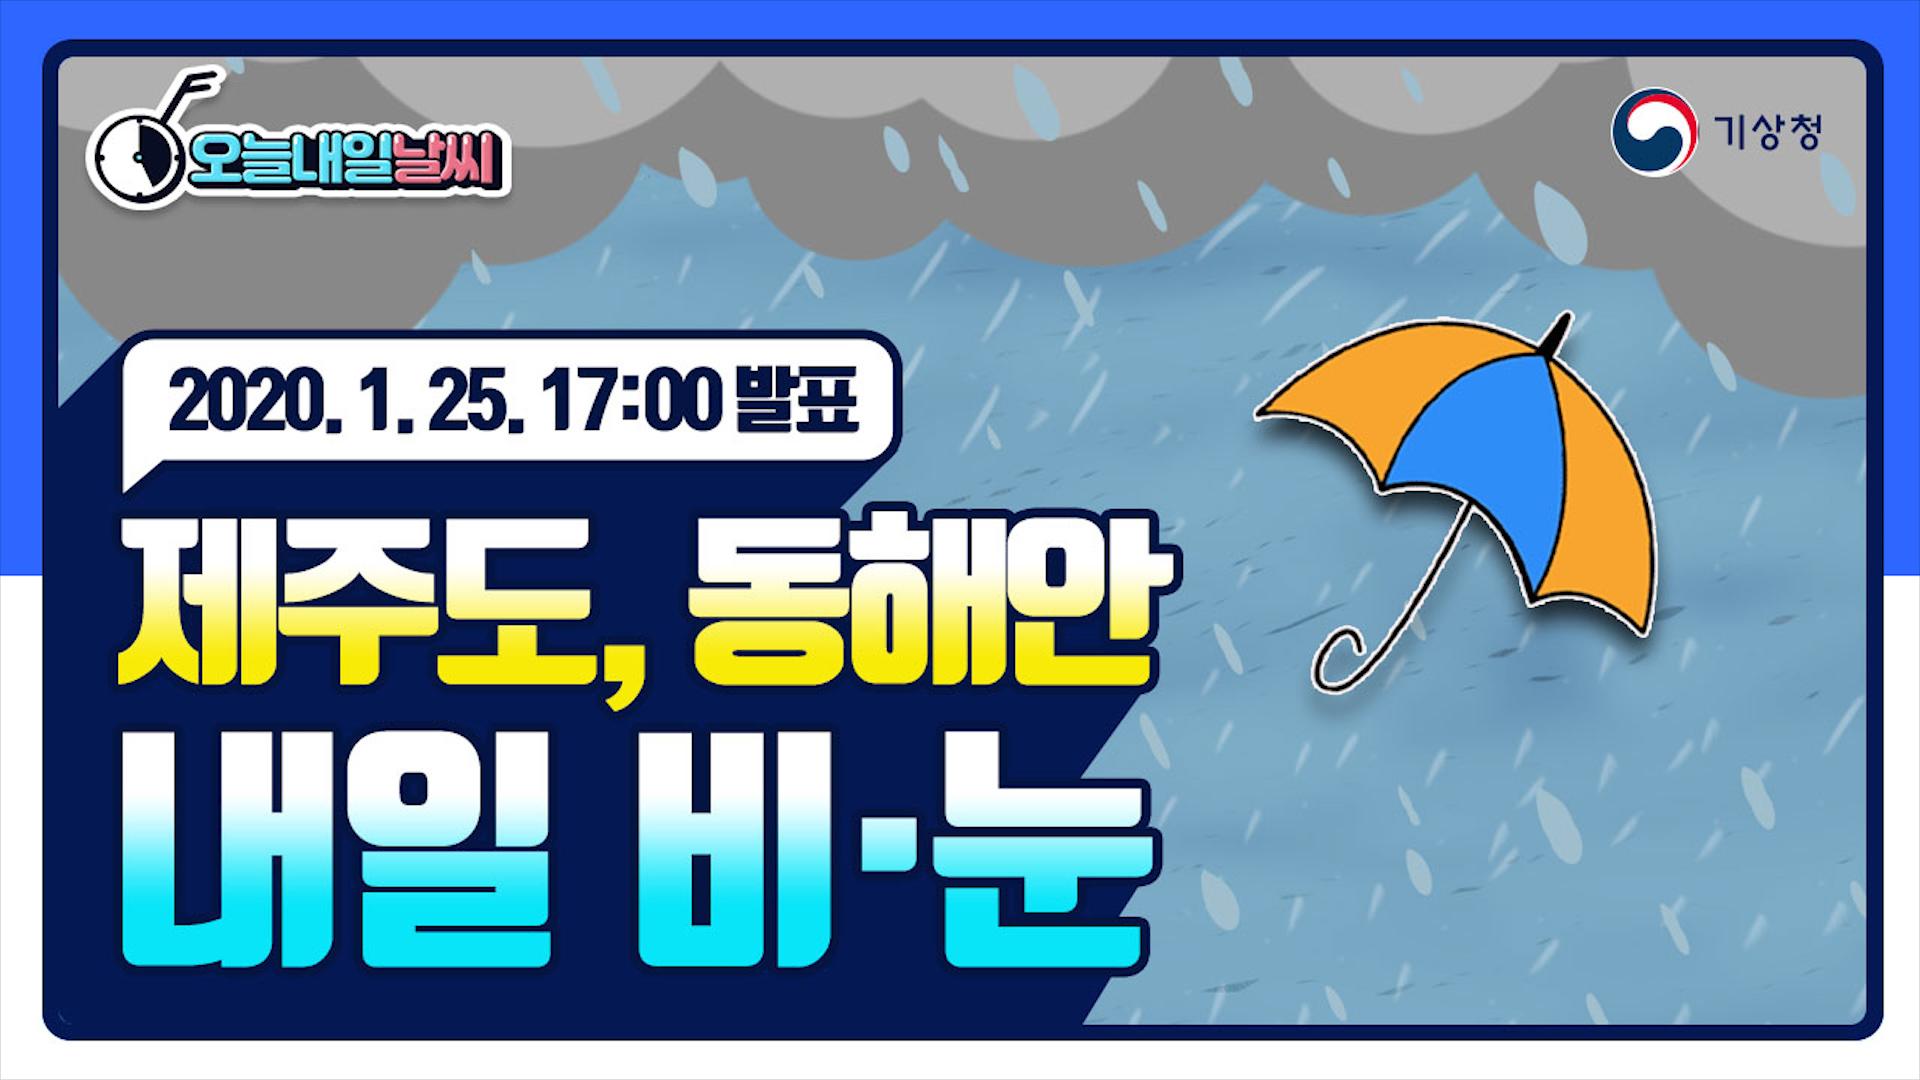 [예보가 알고싶다] 제주도, 동해안 내일 오후부터 비 또는 눈, 1월 25일 17시 발표